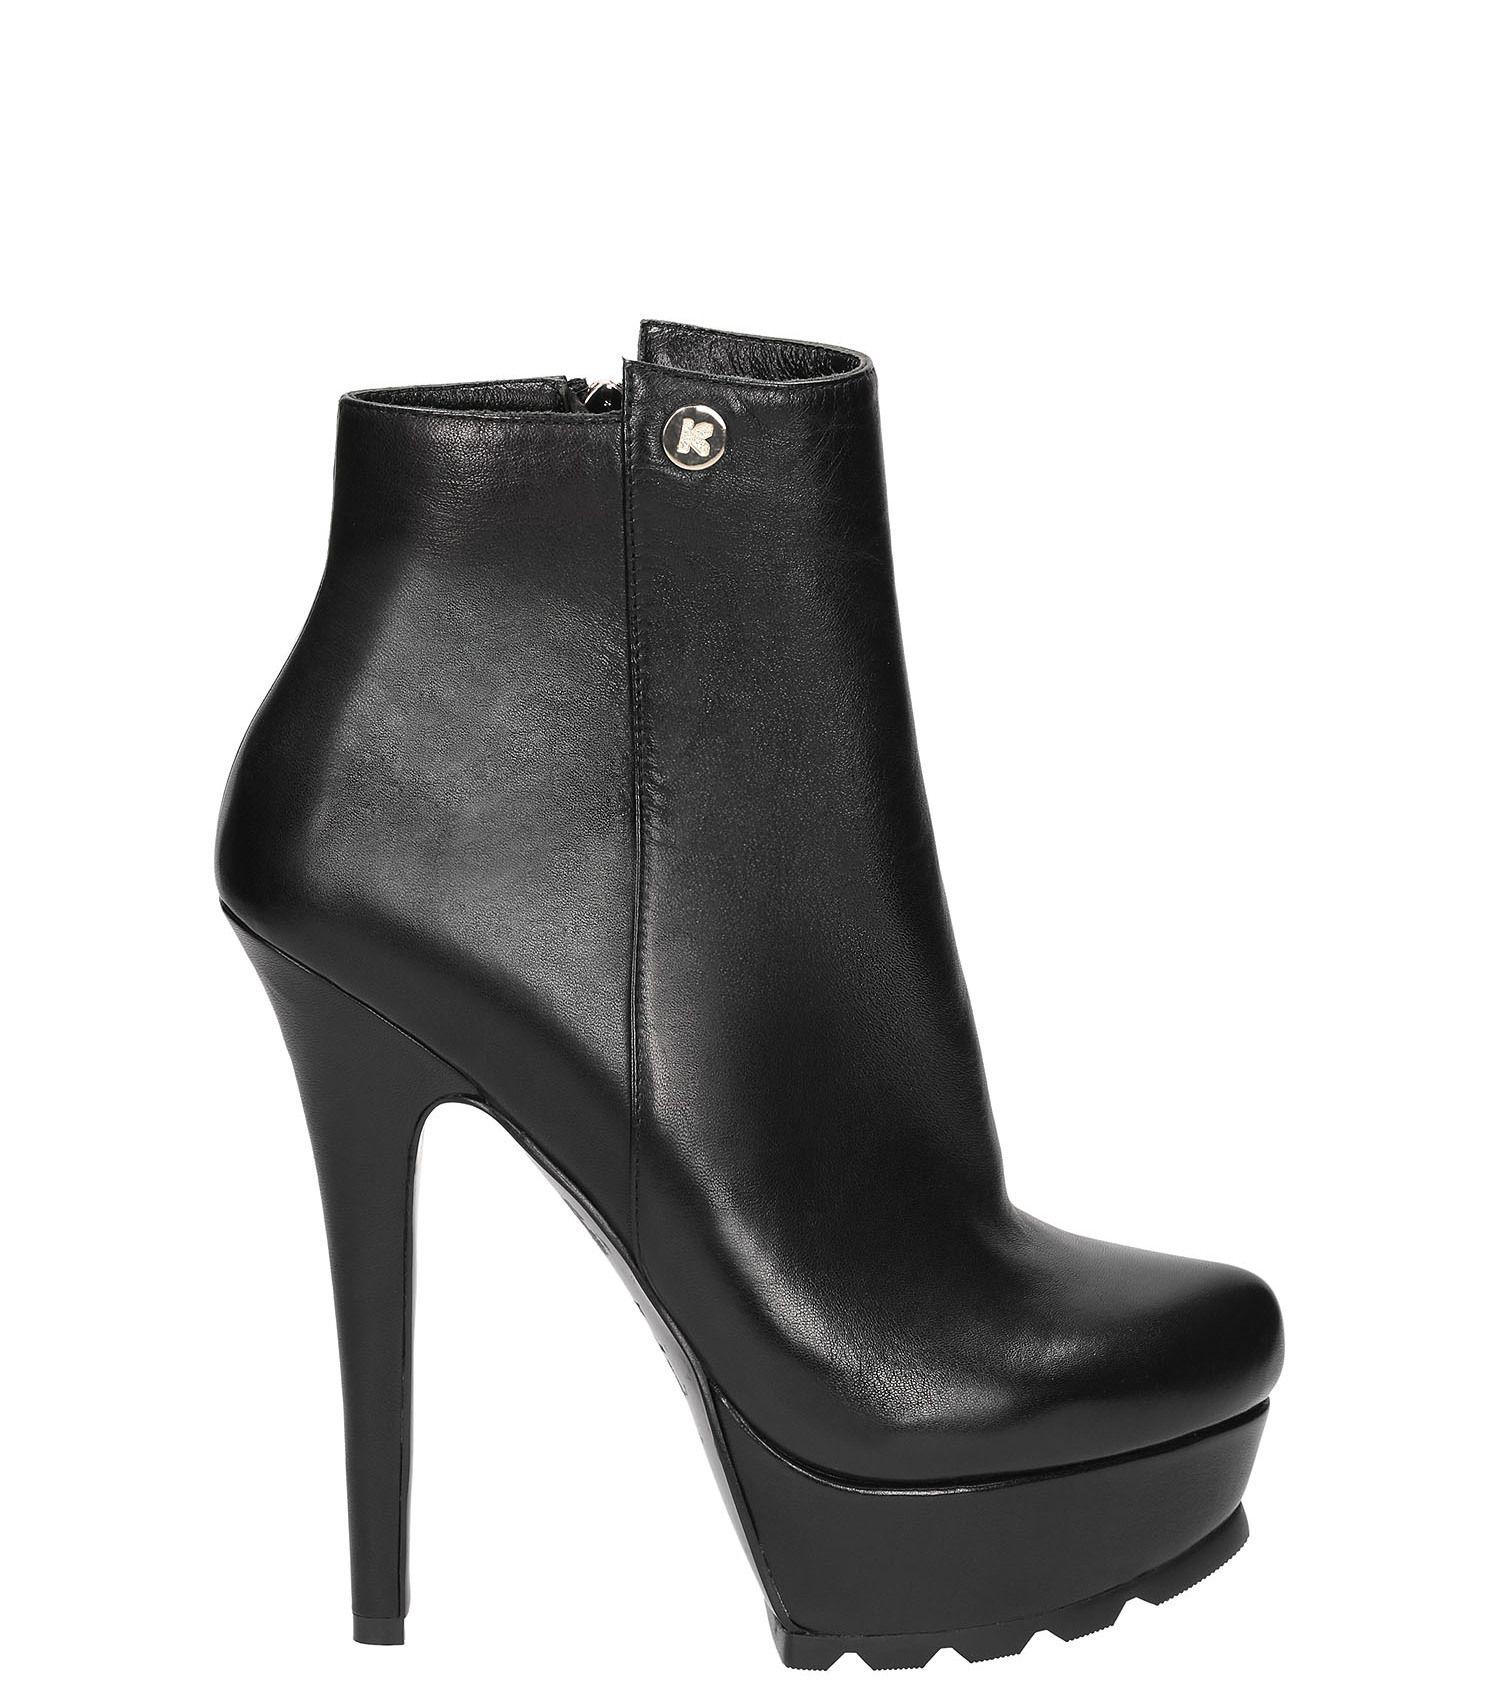 Czarne Botki Wykonane Z Licowej Skory Niezwykle Wygodny I Dobrze Wyprofilowany Model Awangardowy Look Nadaja Wysokie Obcasy I Platfo Ankle Boot Shoes Boots